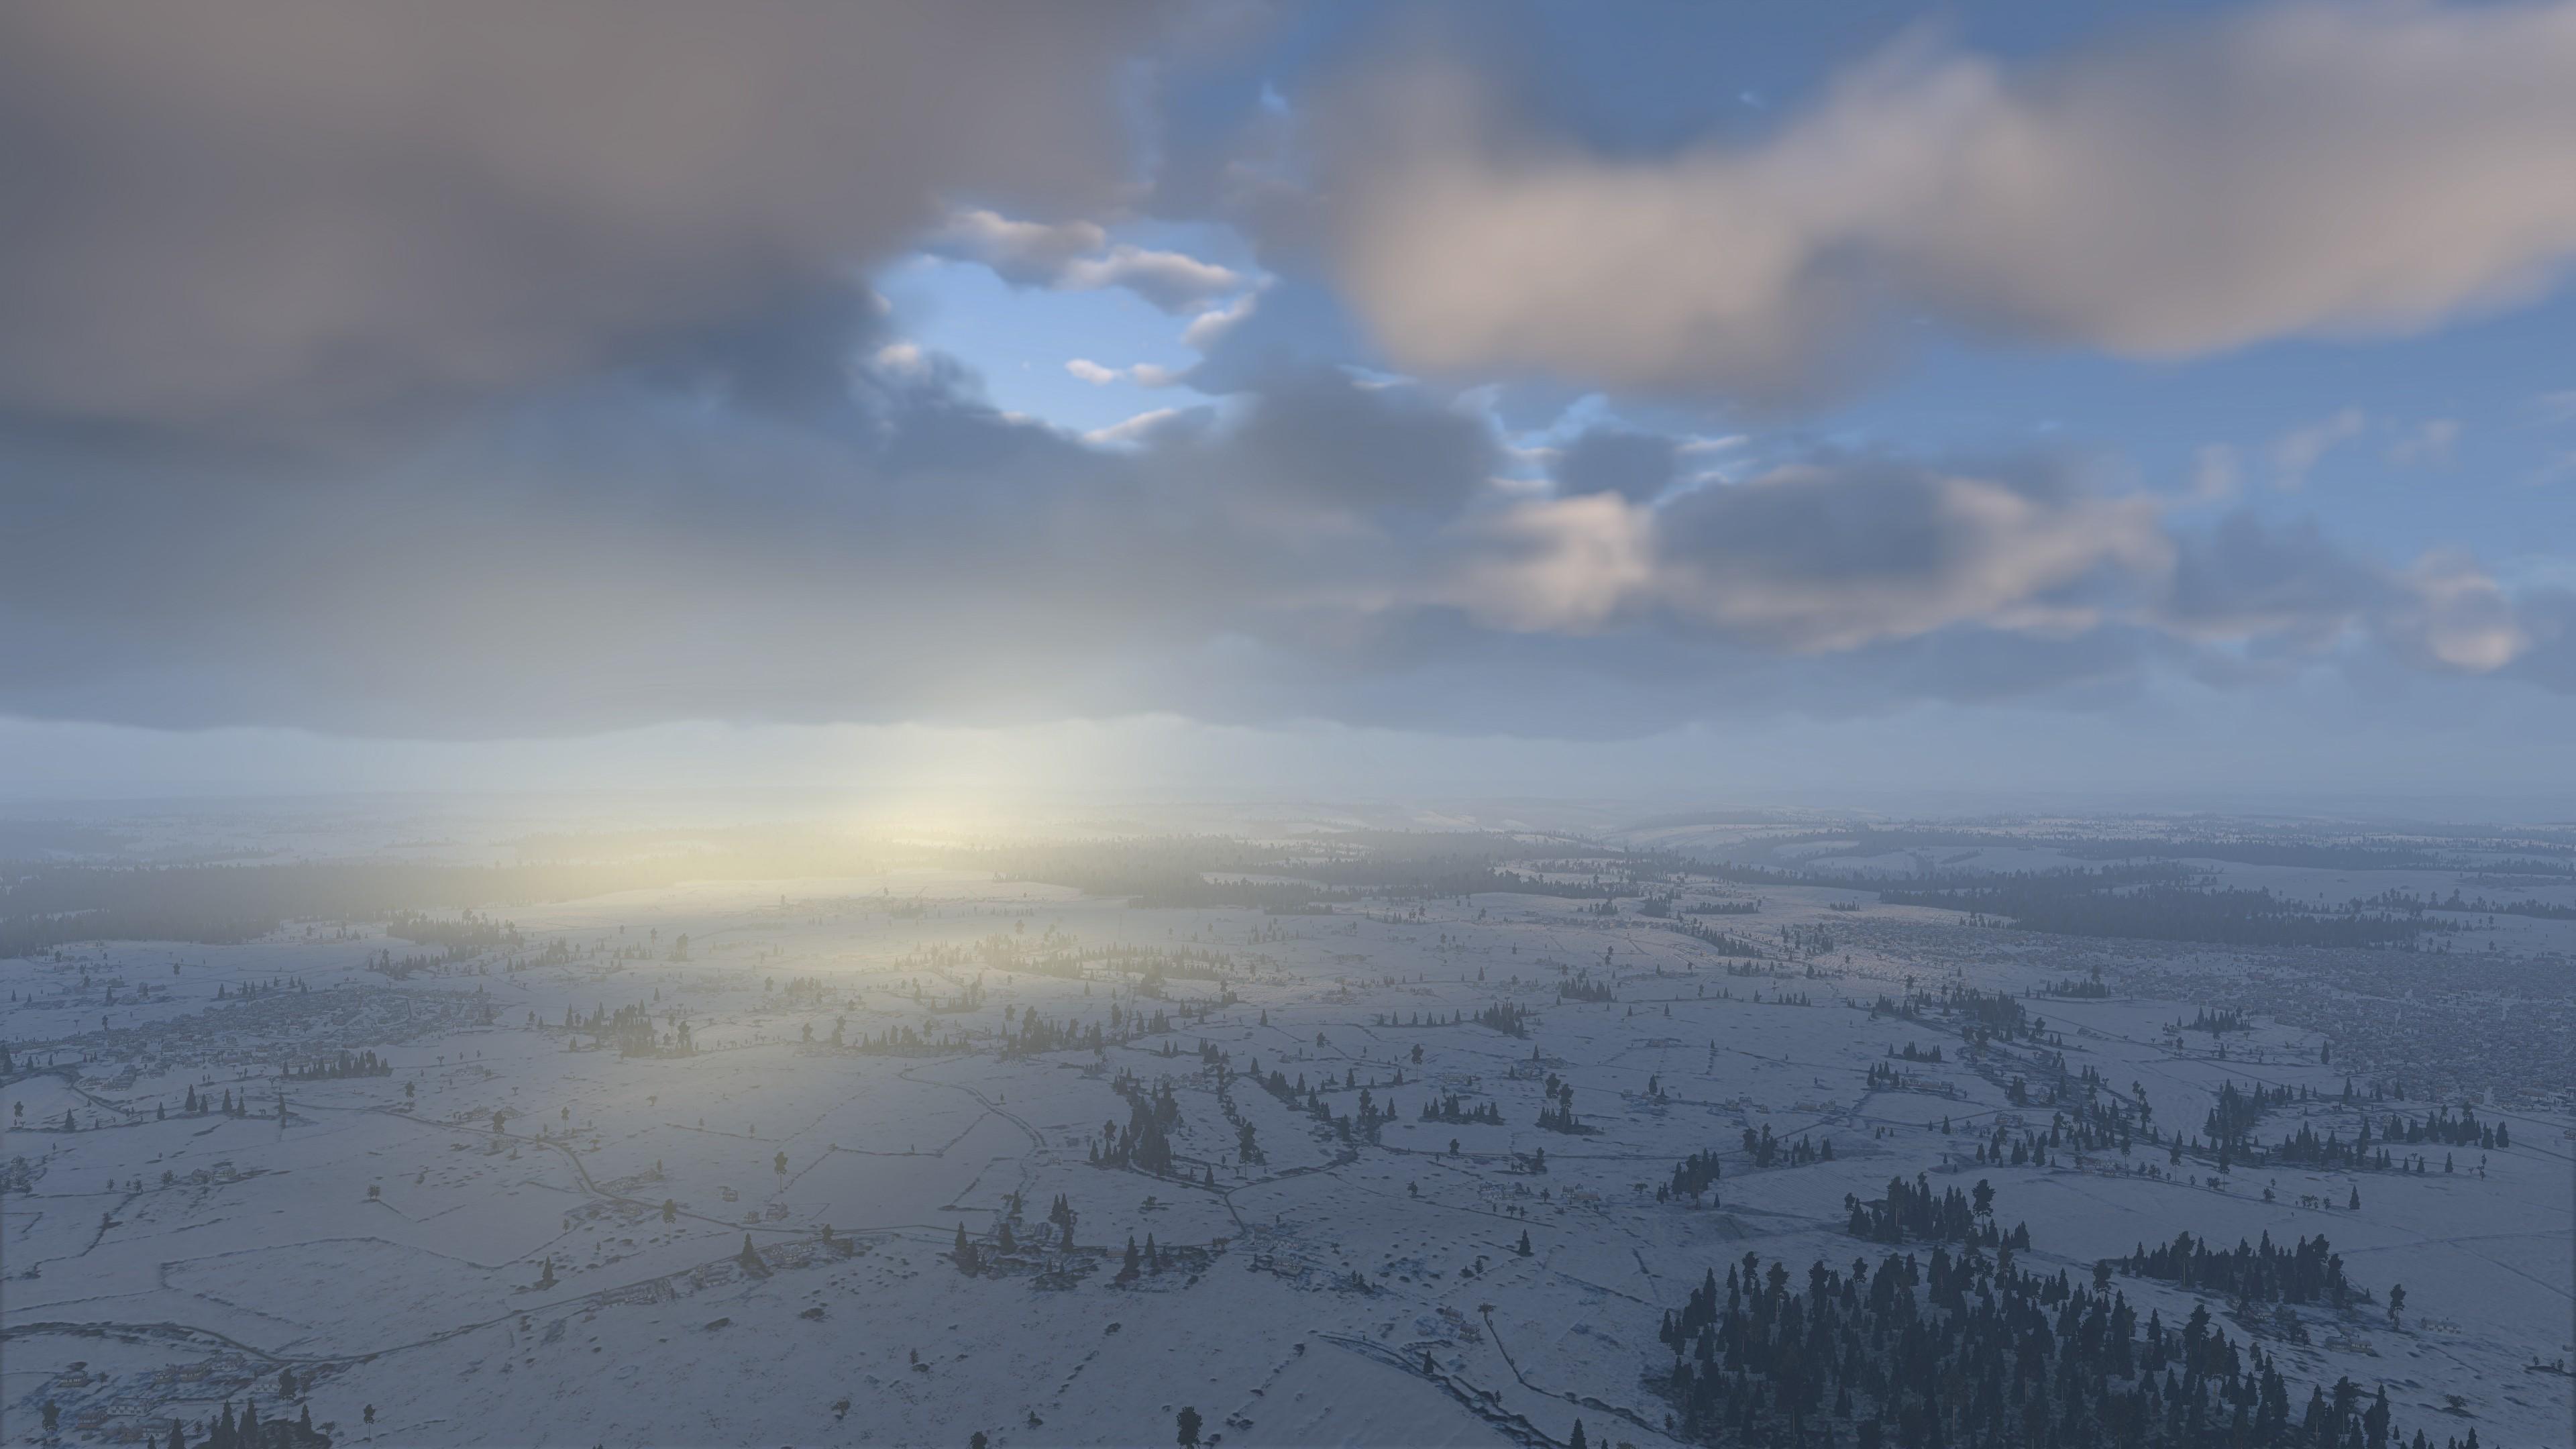 После полудня, противосумеречные лучи, вид с высоты на поверхность земли.